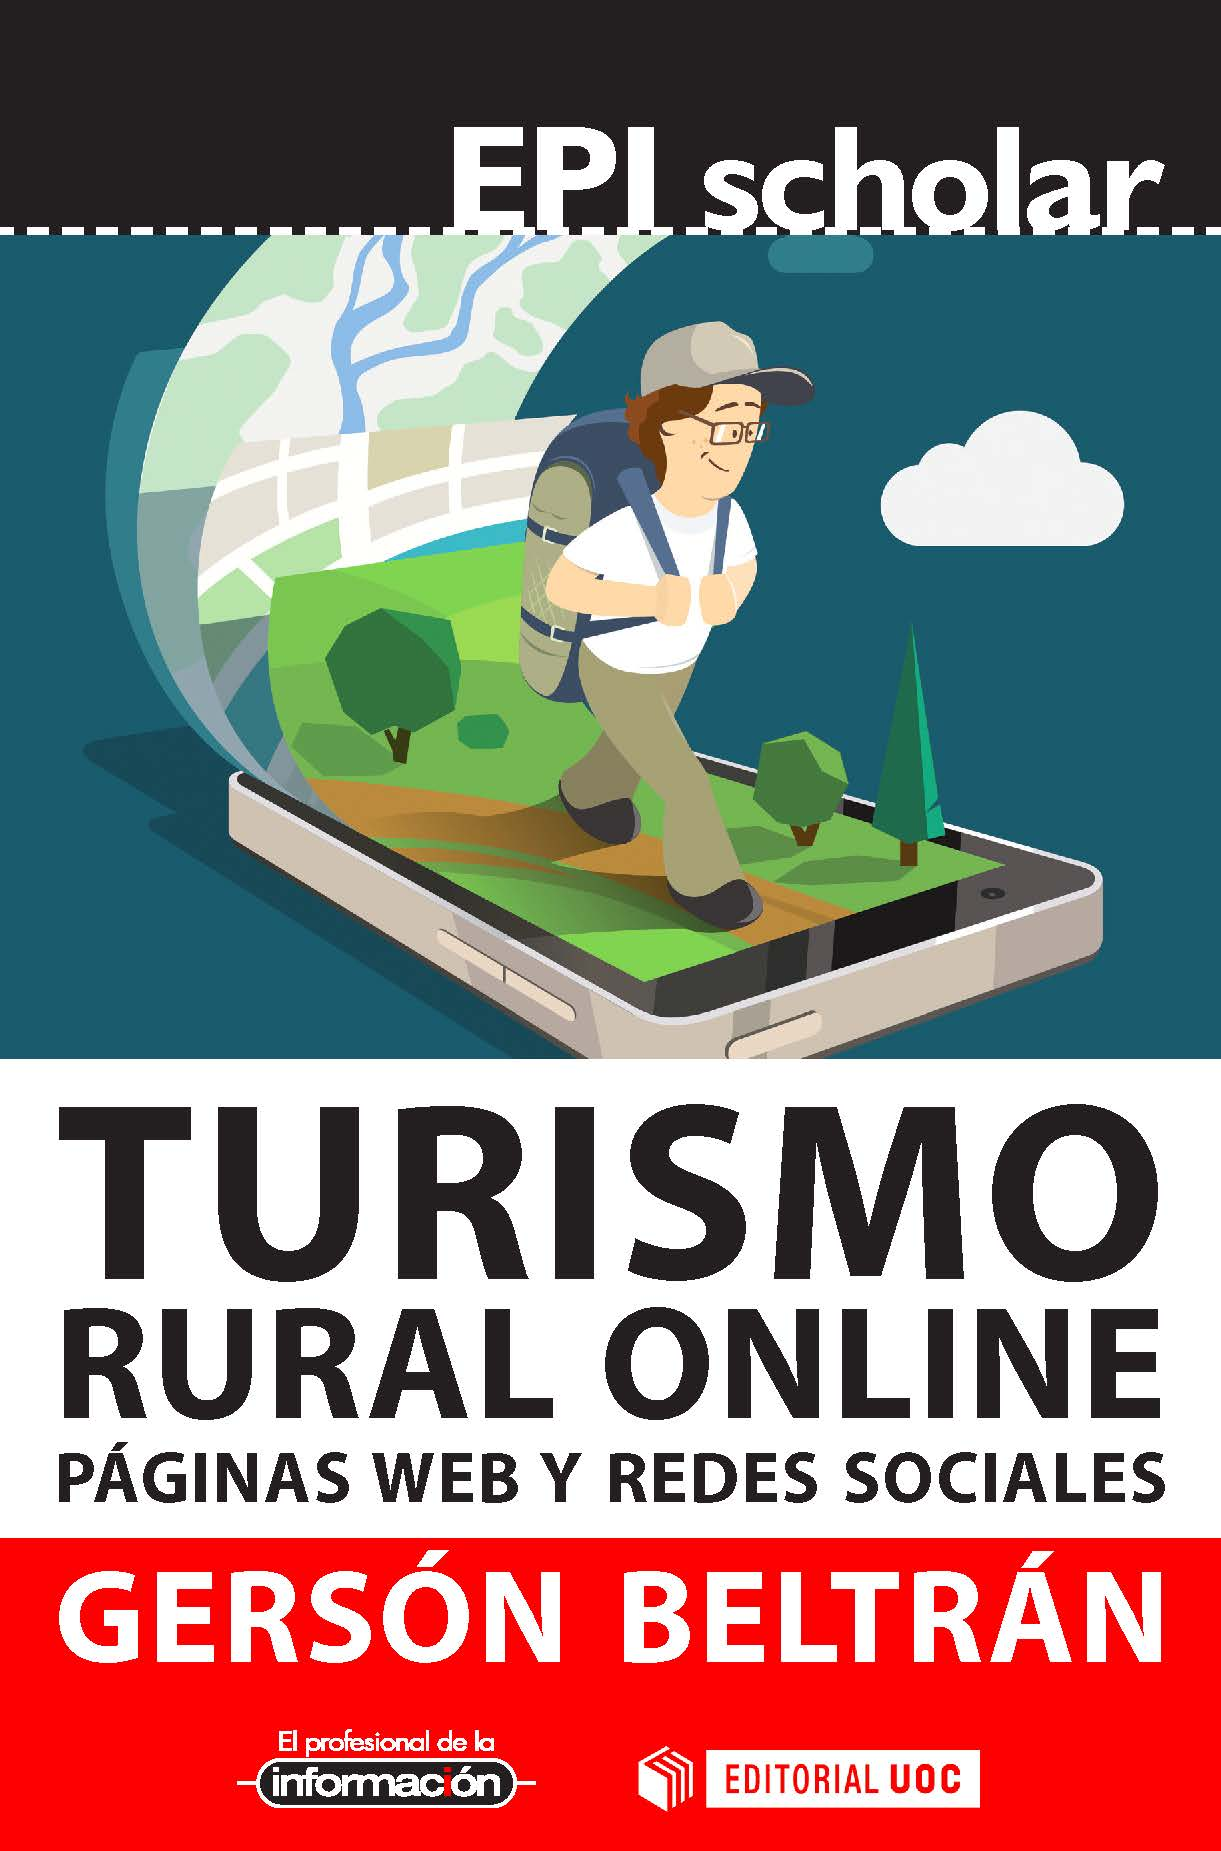 Turismo rural online páginas web y redes sociales